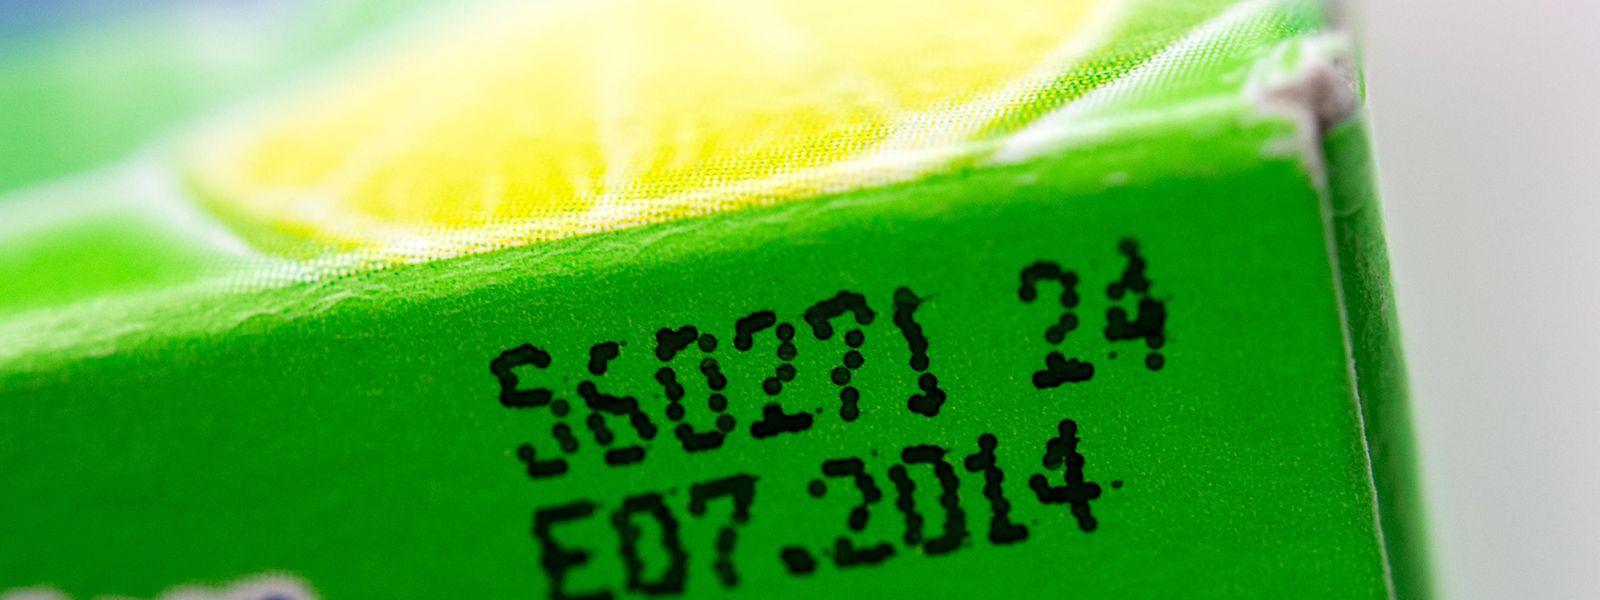 Meist tragen Kosmetika ohne Konservierungsstoffe wie diese Seife ein Mindesthaltbarkeitsdatum.